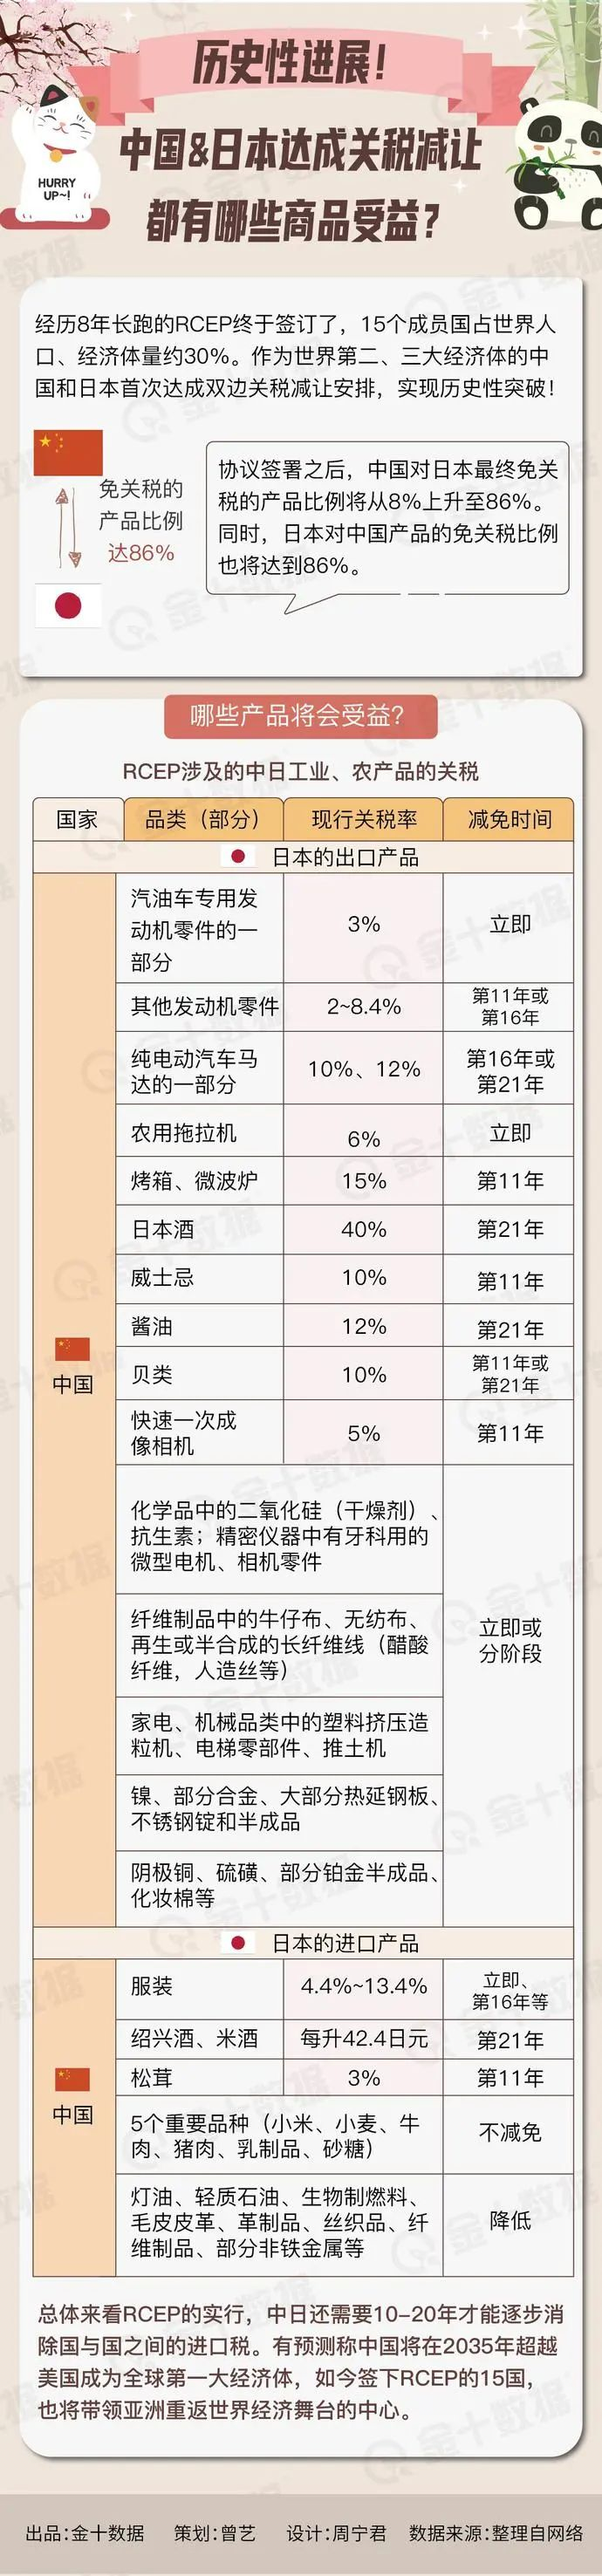 「中日两国是什么的邻邦」中日两国免税产品将增至86%,哪些商品力度最大?包括汽车、日用品